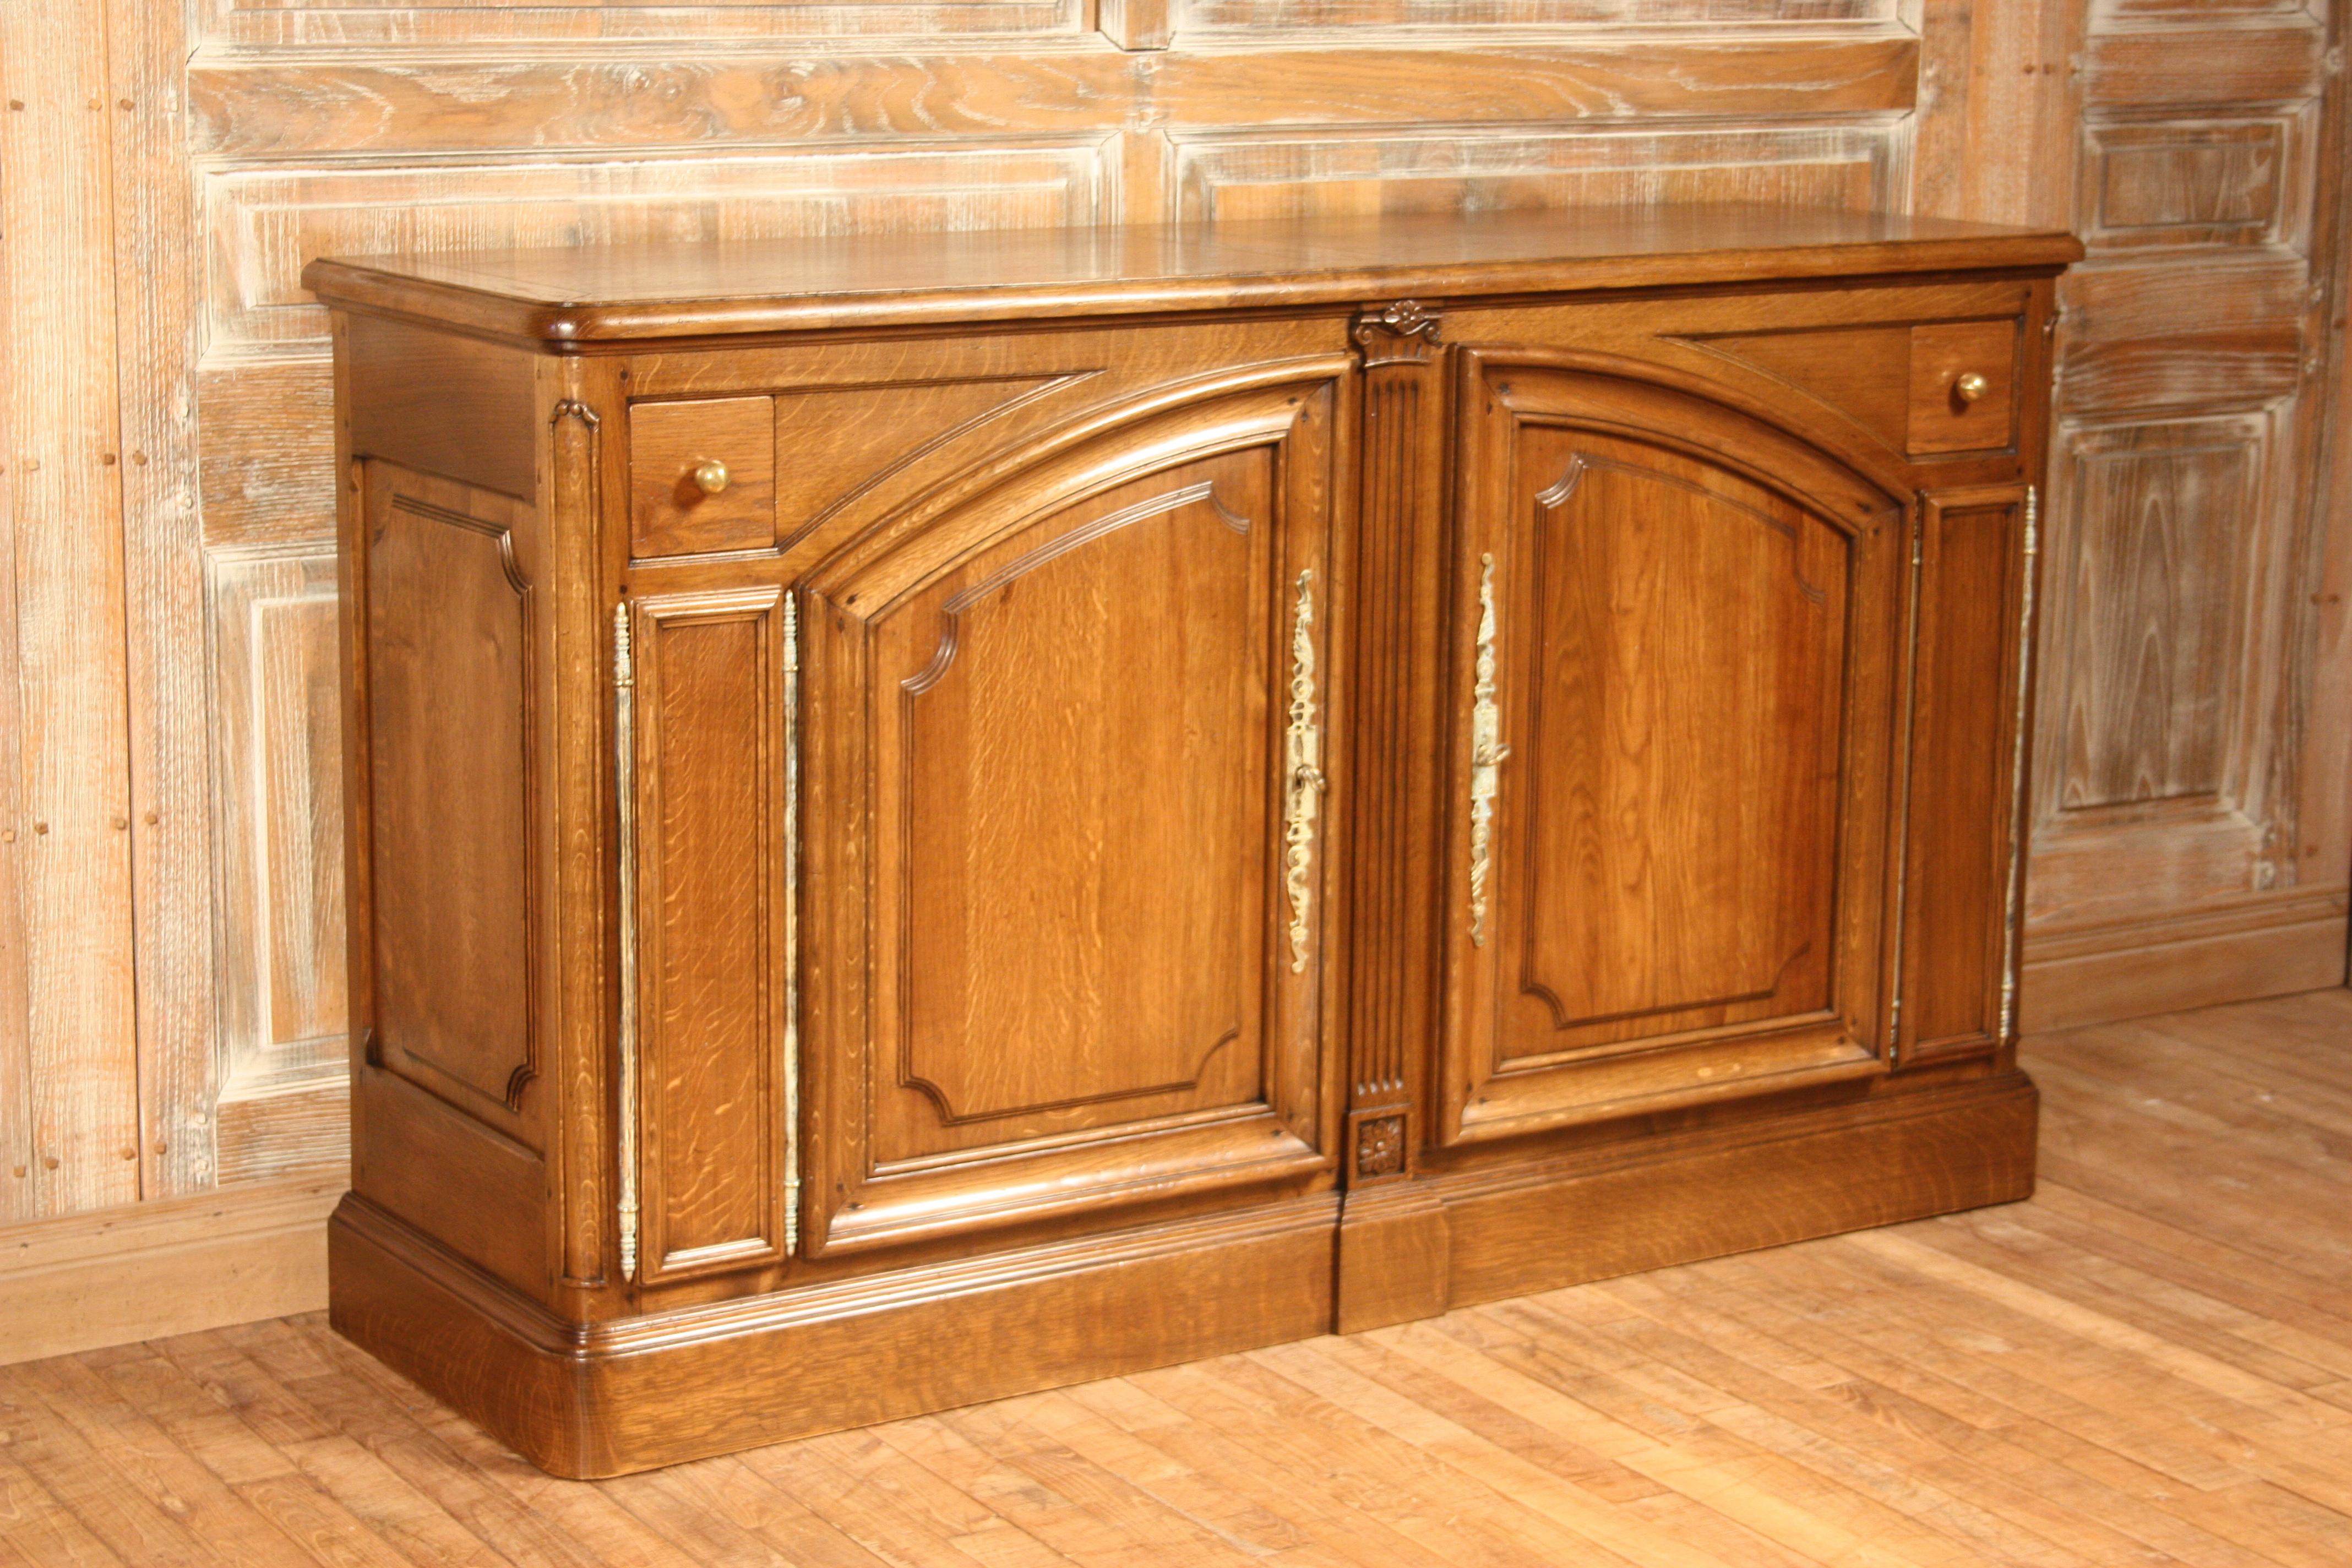 fichier n 442 buffet 39 sully 39 dit de chasse de style louis xiii r alis e par les ateliers allot. Black Bedroom Furniture Sets. Home Design Ideas